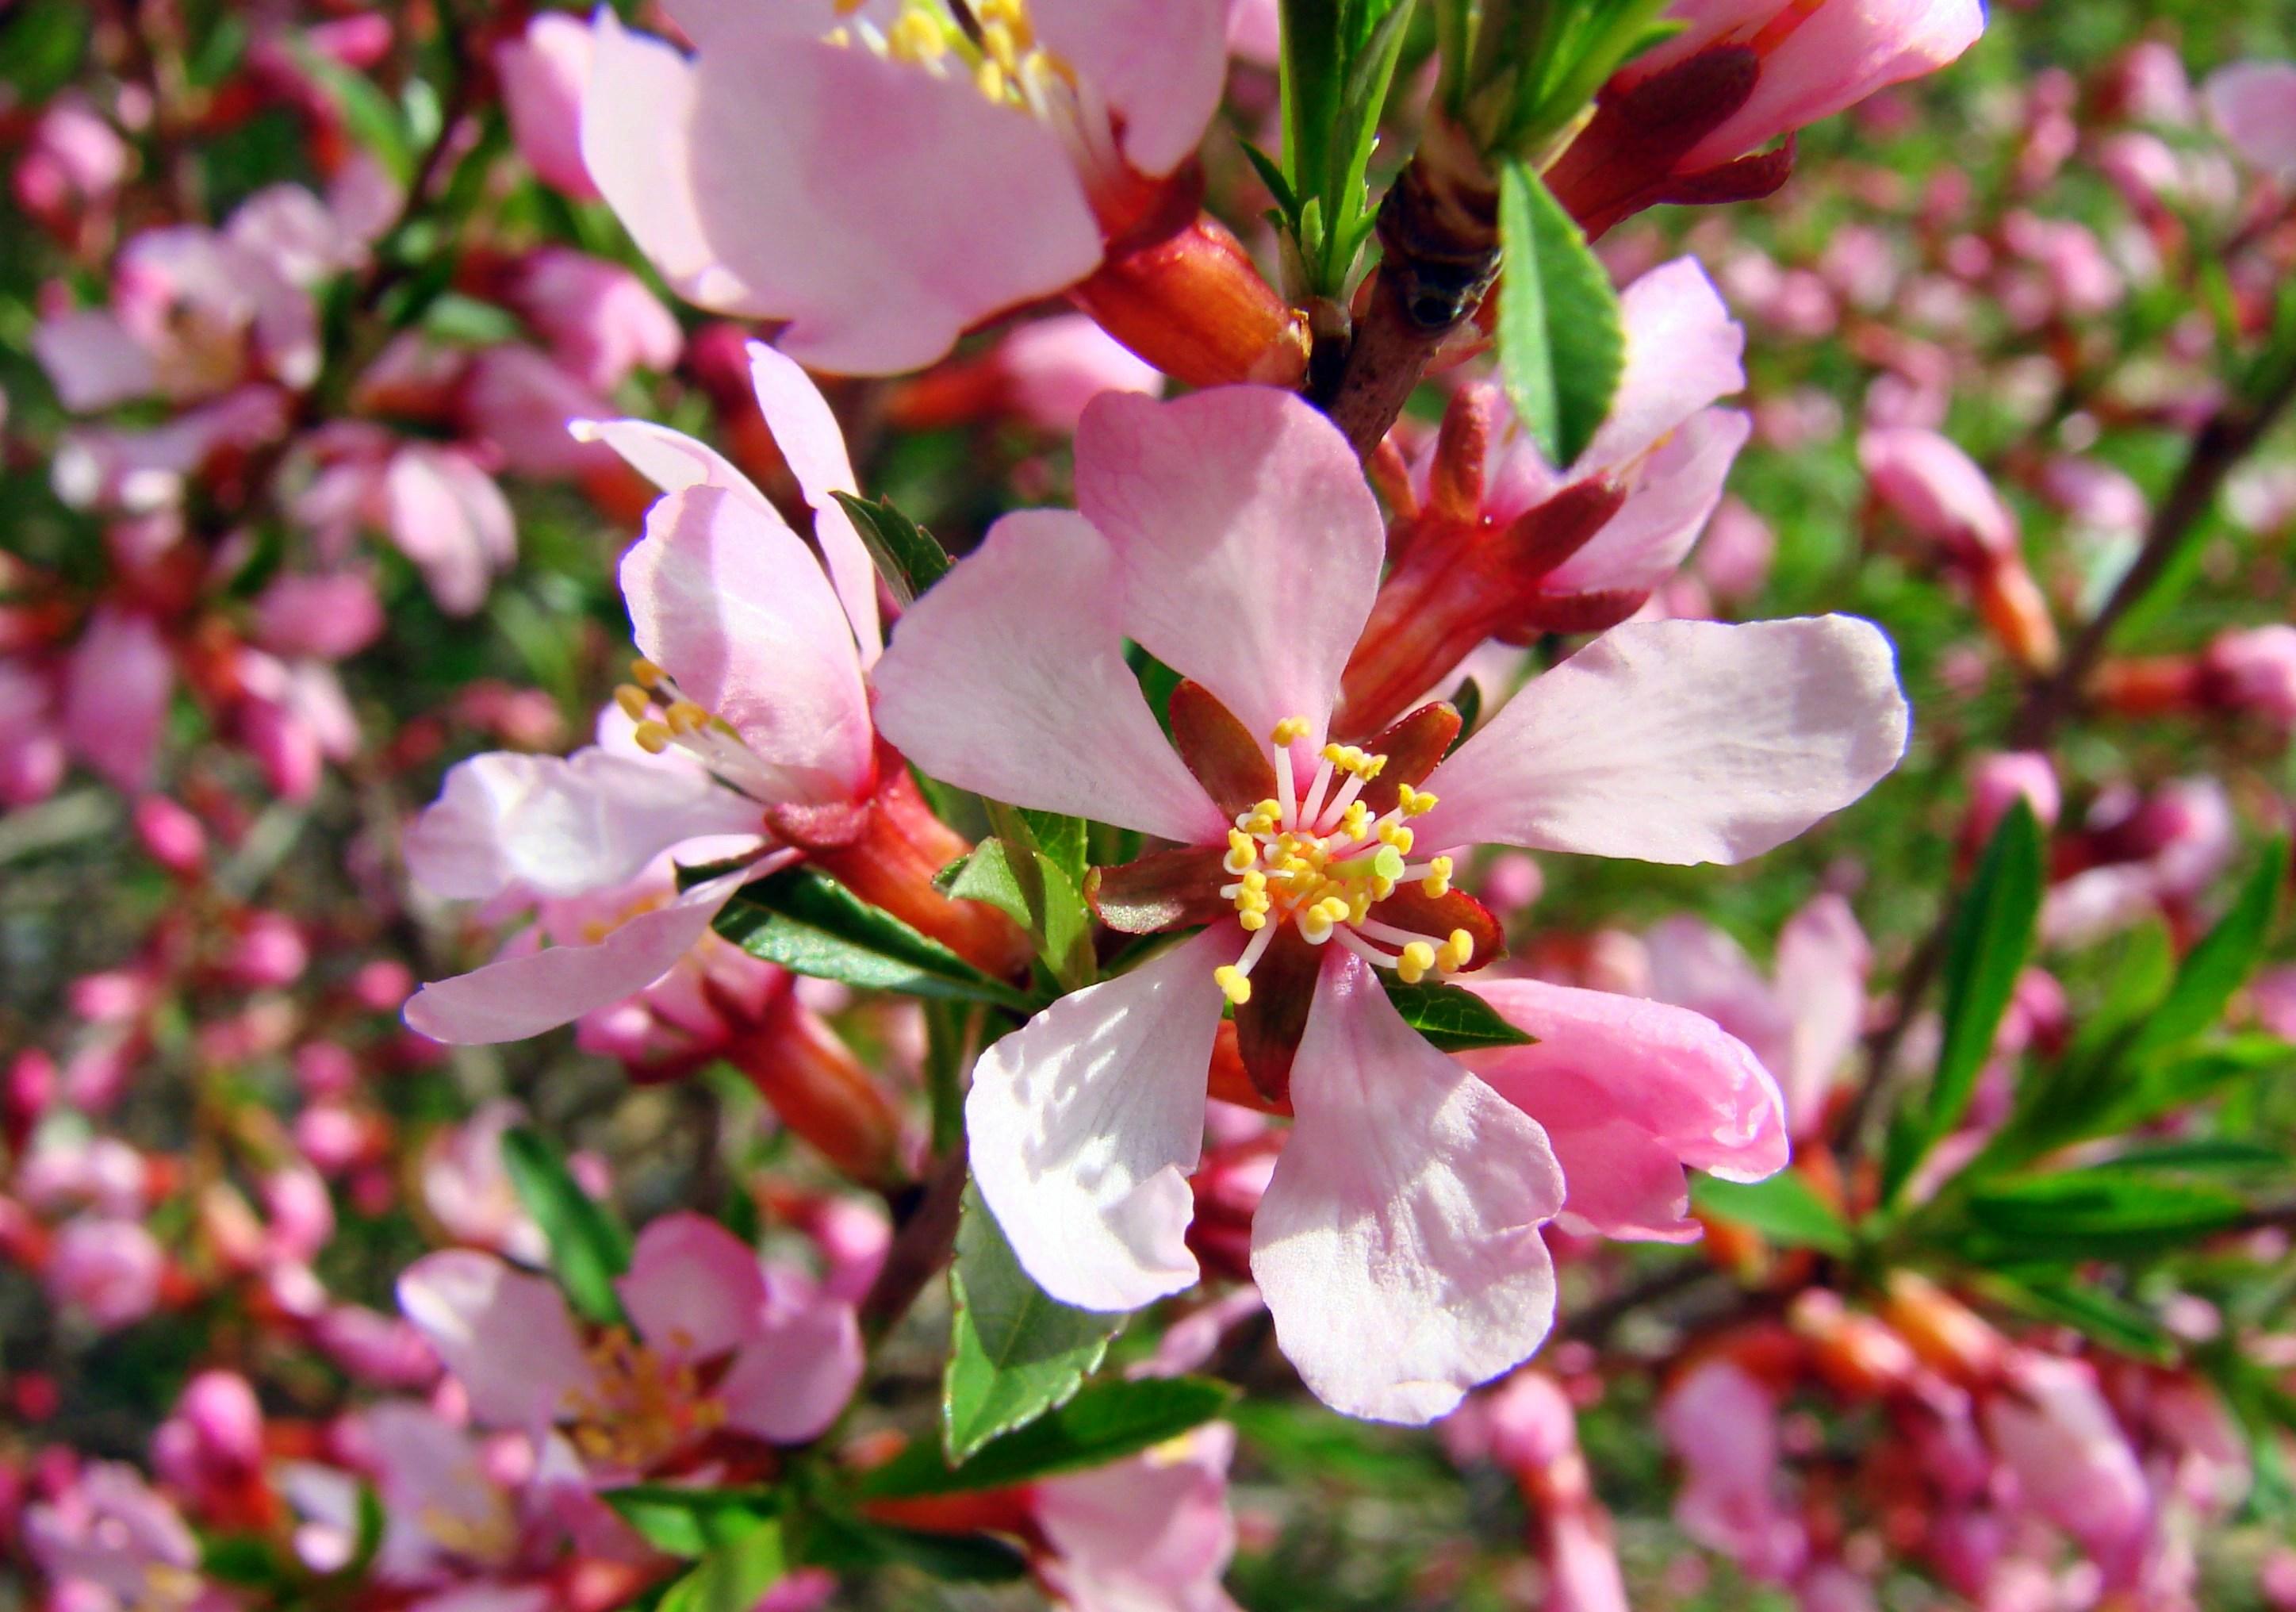 Один раз в год сады цветут...(с). Блиц: весна!